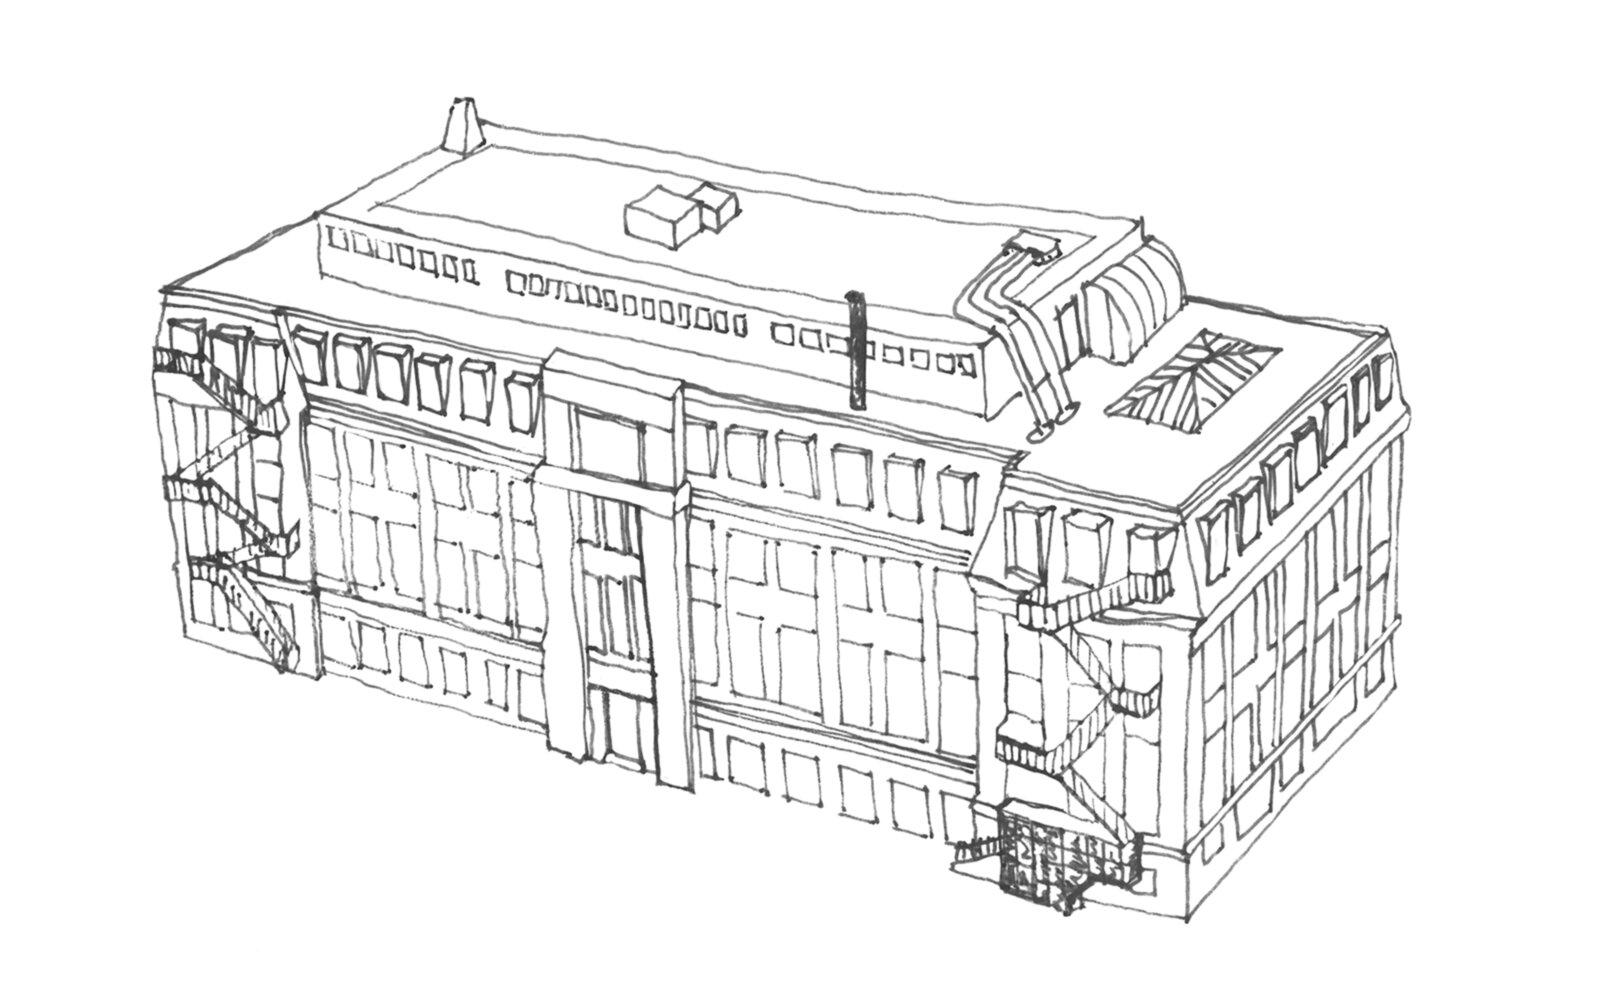 School of Fine Art University of Leeds sketch